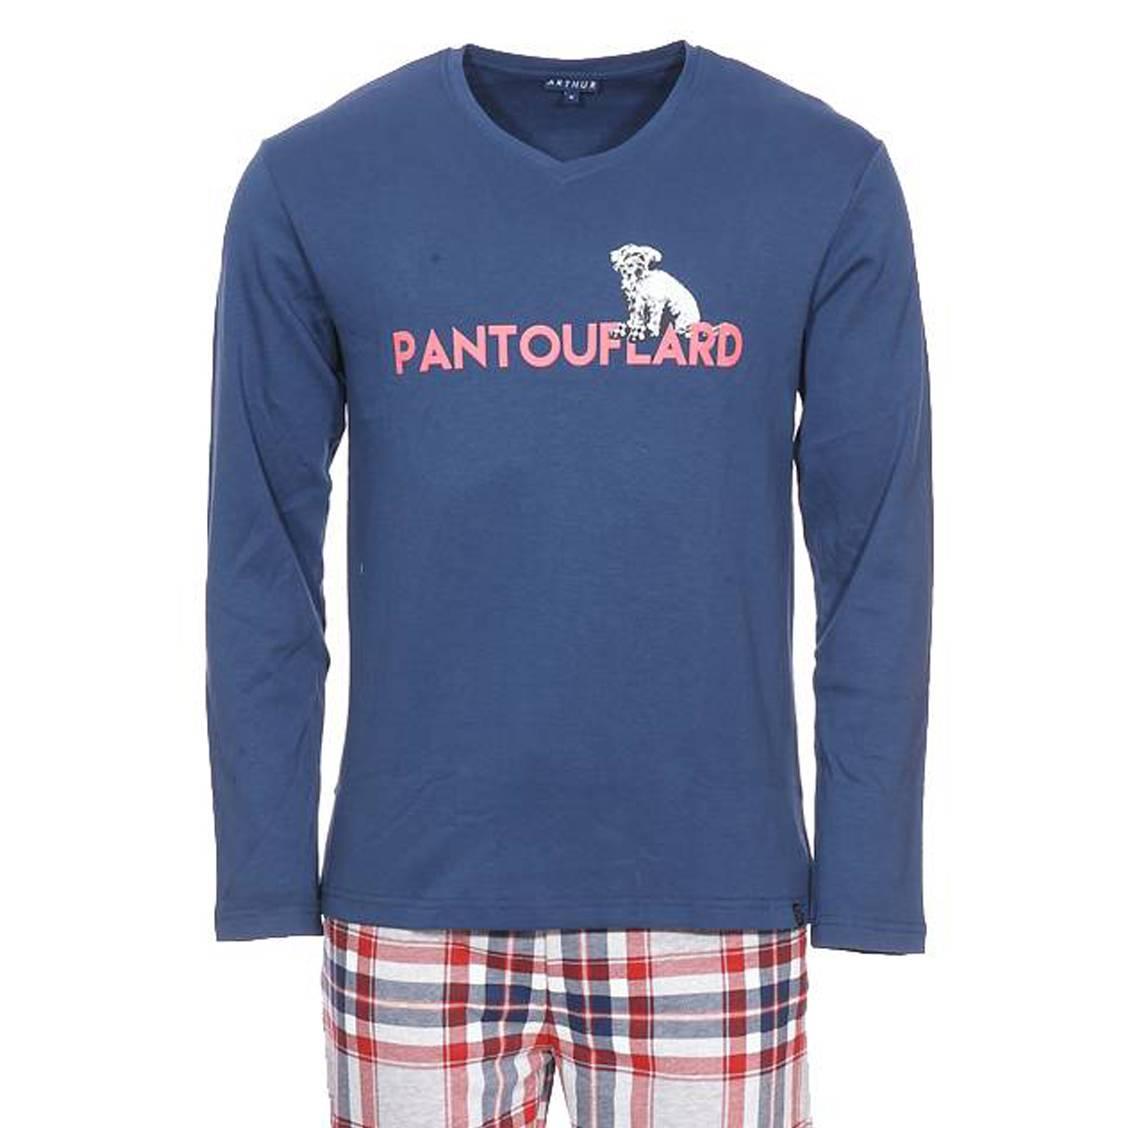 Pyjama long Arthur Pantoufle : tee-shirt manches longues col V bleu pétrole floqué Pantouflard et pa